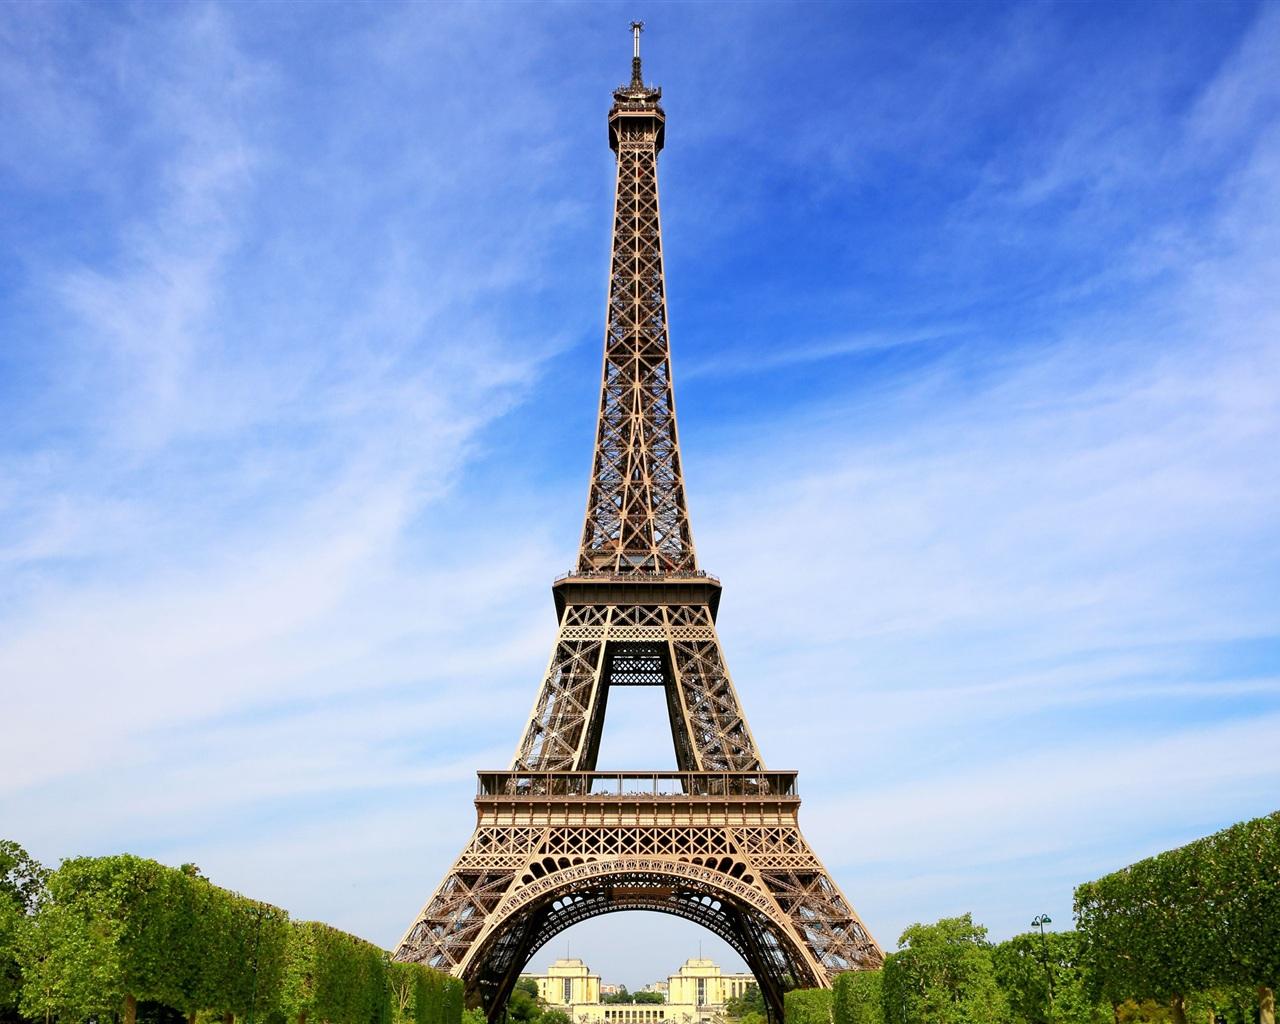 Hd wallpaper eiffel tower - 1280x1024 Ja Best